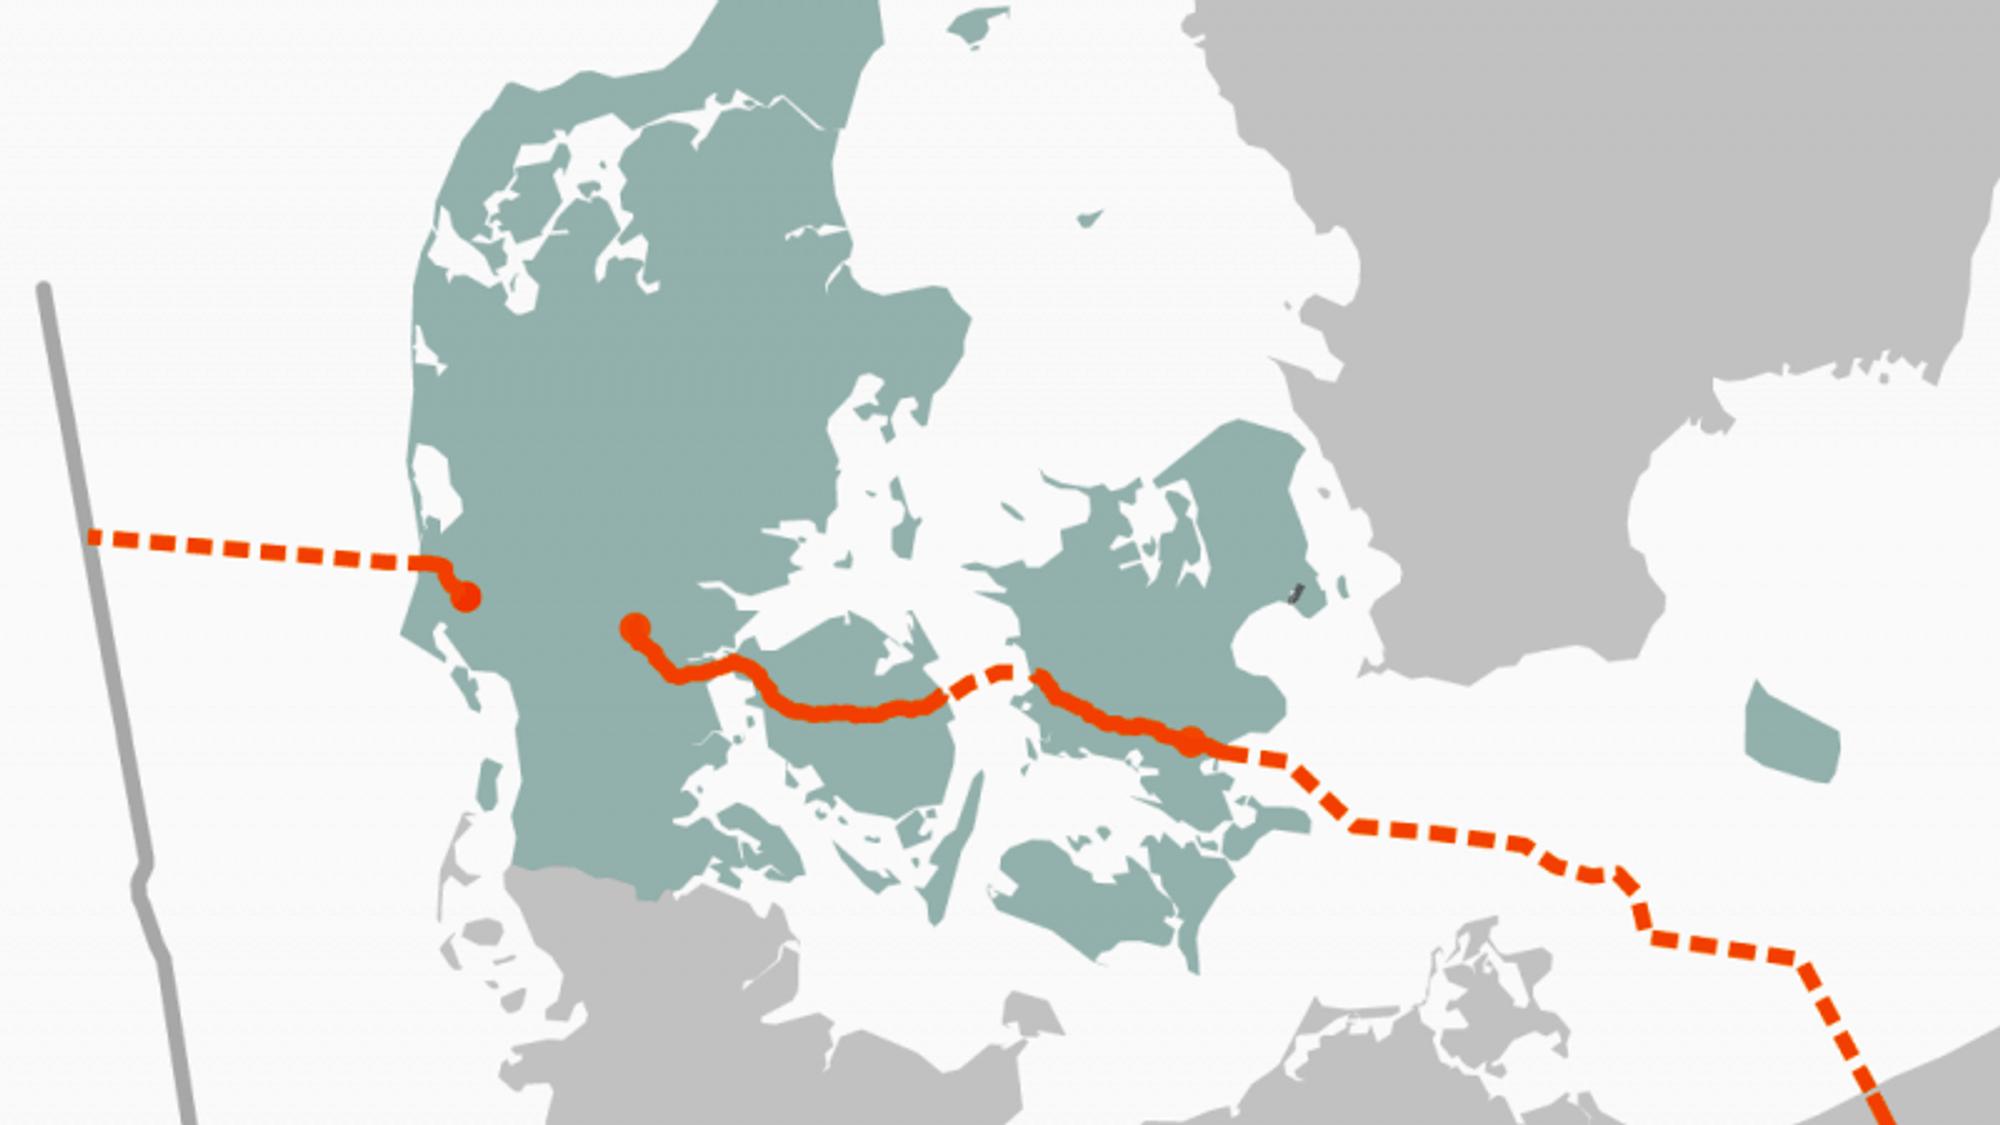 Gassledningen skal gå fra Nordsjøen til Polen gjennom Danmark.